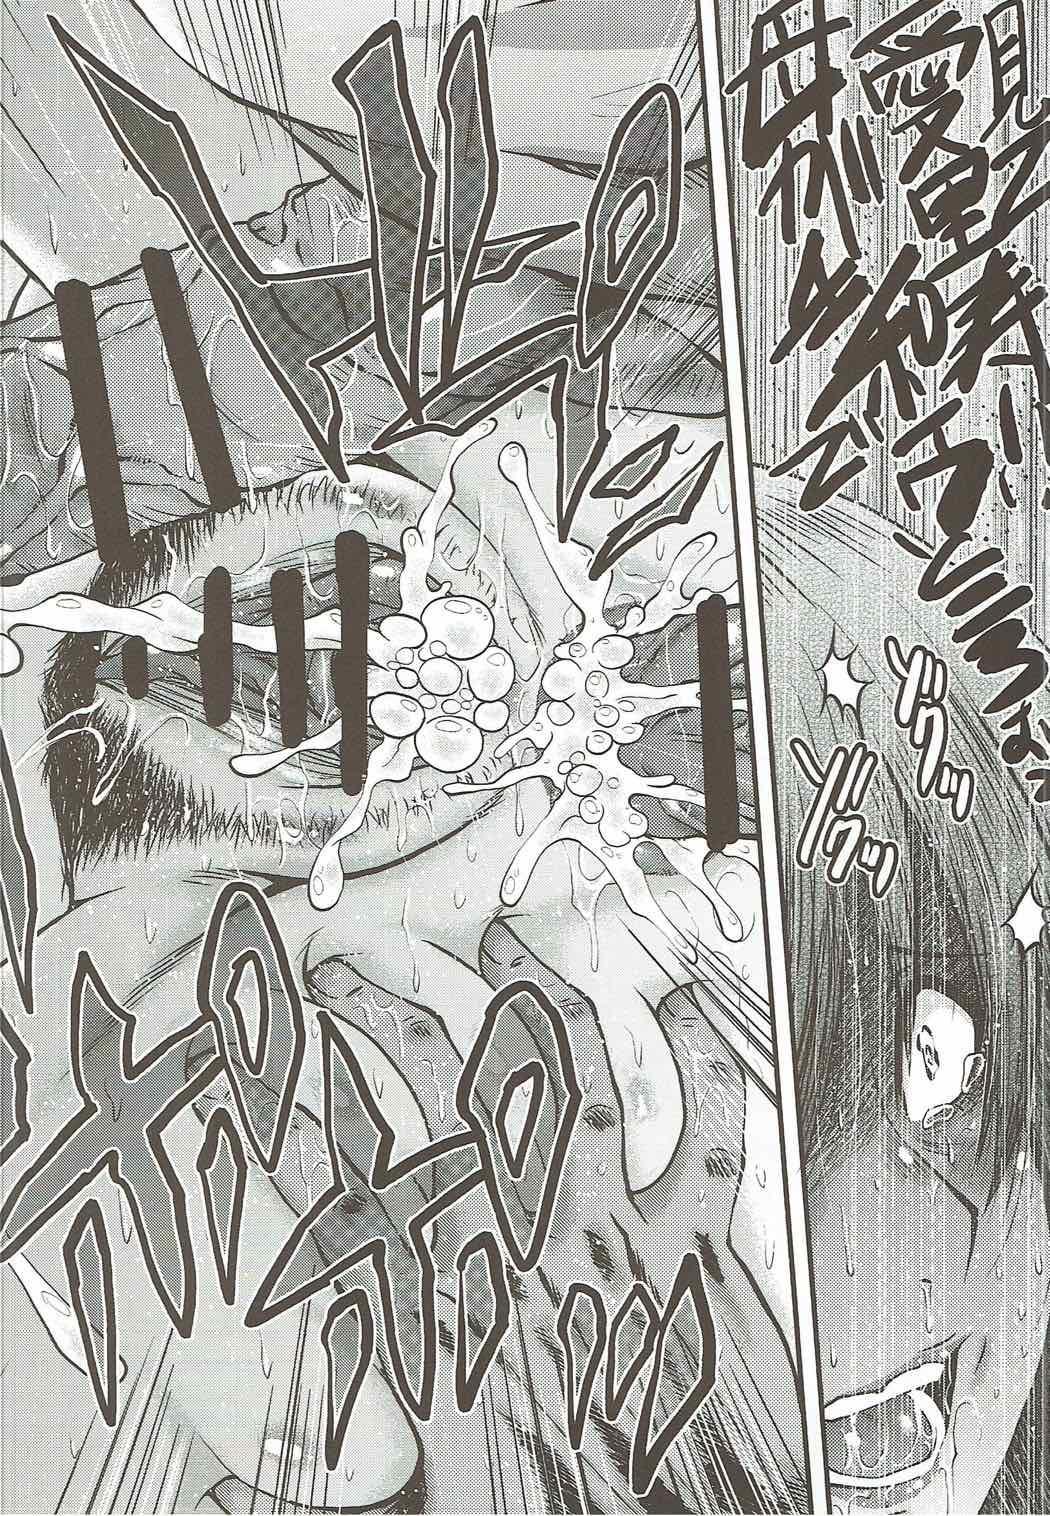 Urabambi Vol. 55 Yuukan Madam no Shiroi Niku 20